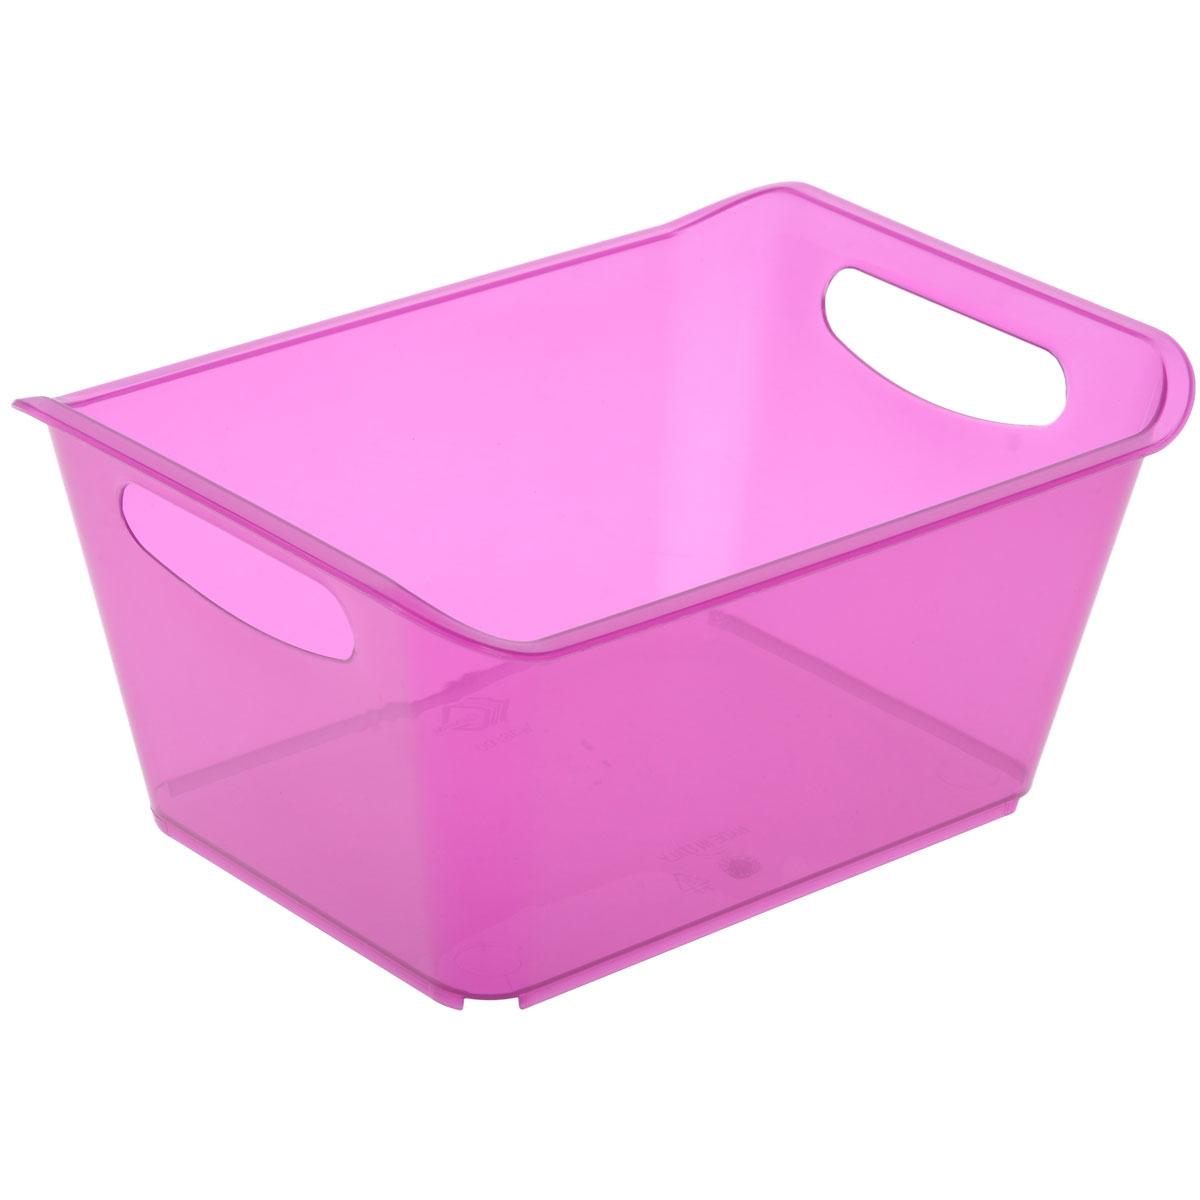 Контейнер Gensini, цвет: сиреневый, 1,5 л531-401Контейнер Gensini выполнен из прочного пластика. Он предназначен для хранения различных мелких вещей в ванной, на кухне, даче или гараже, исключая возможность их потери. По бокам контейнера предусмотрены две удобные ручки для его переноски.Контейнер поможет хранить все в одном месте, а также защитить вещи от пыли, грязи и влаги. Объем: 1,5 л.